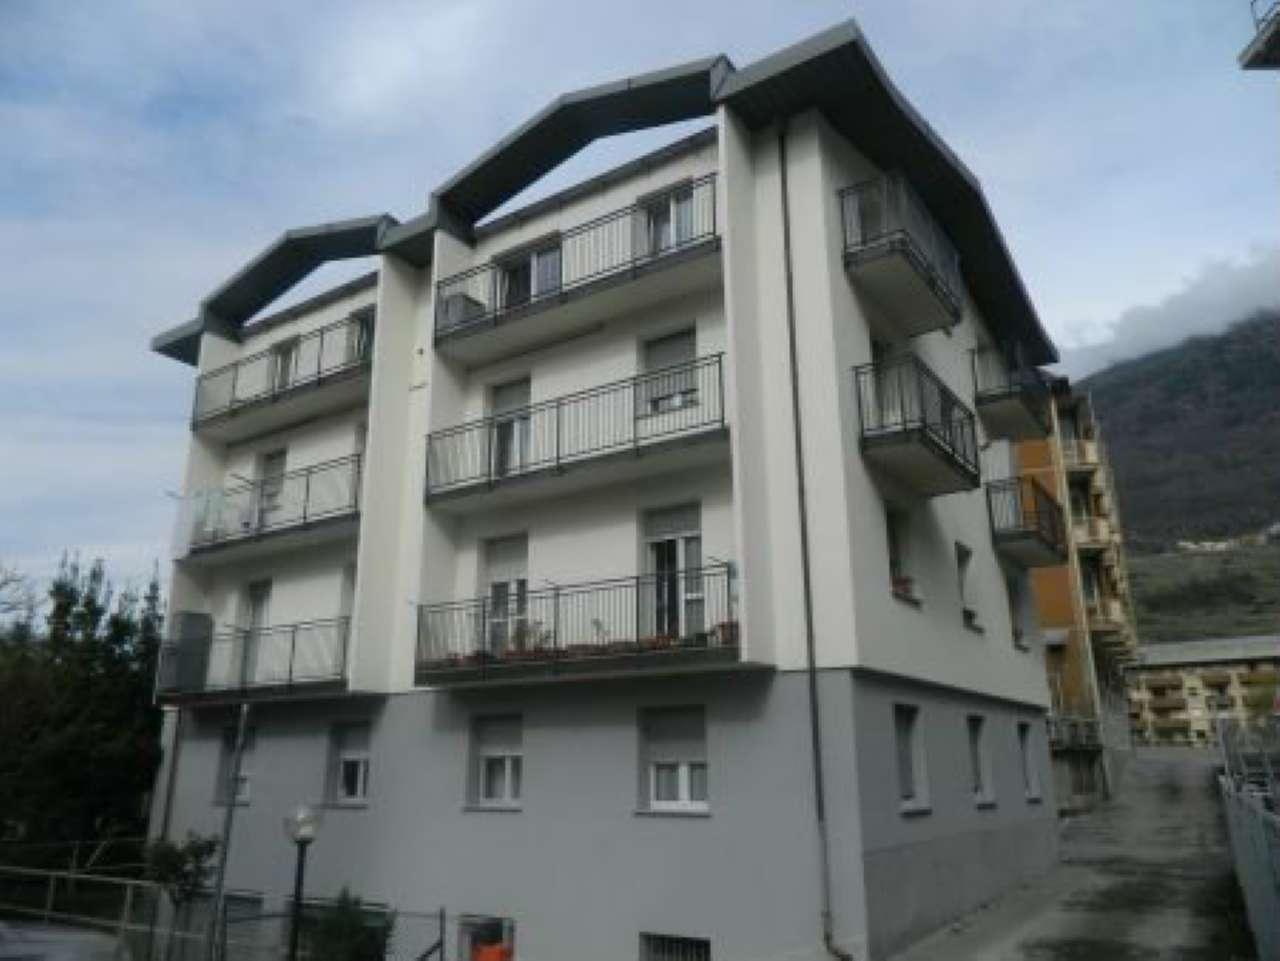 Attico / Mansarda ristrutturato in vendita Rif. 6599790